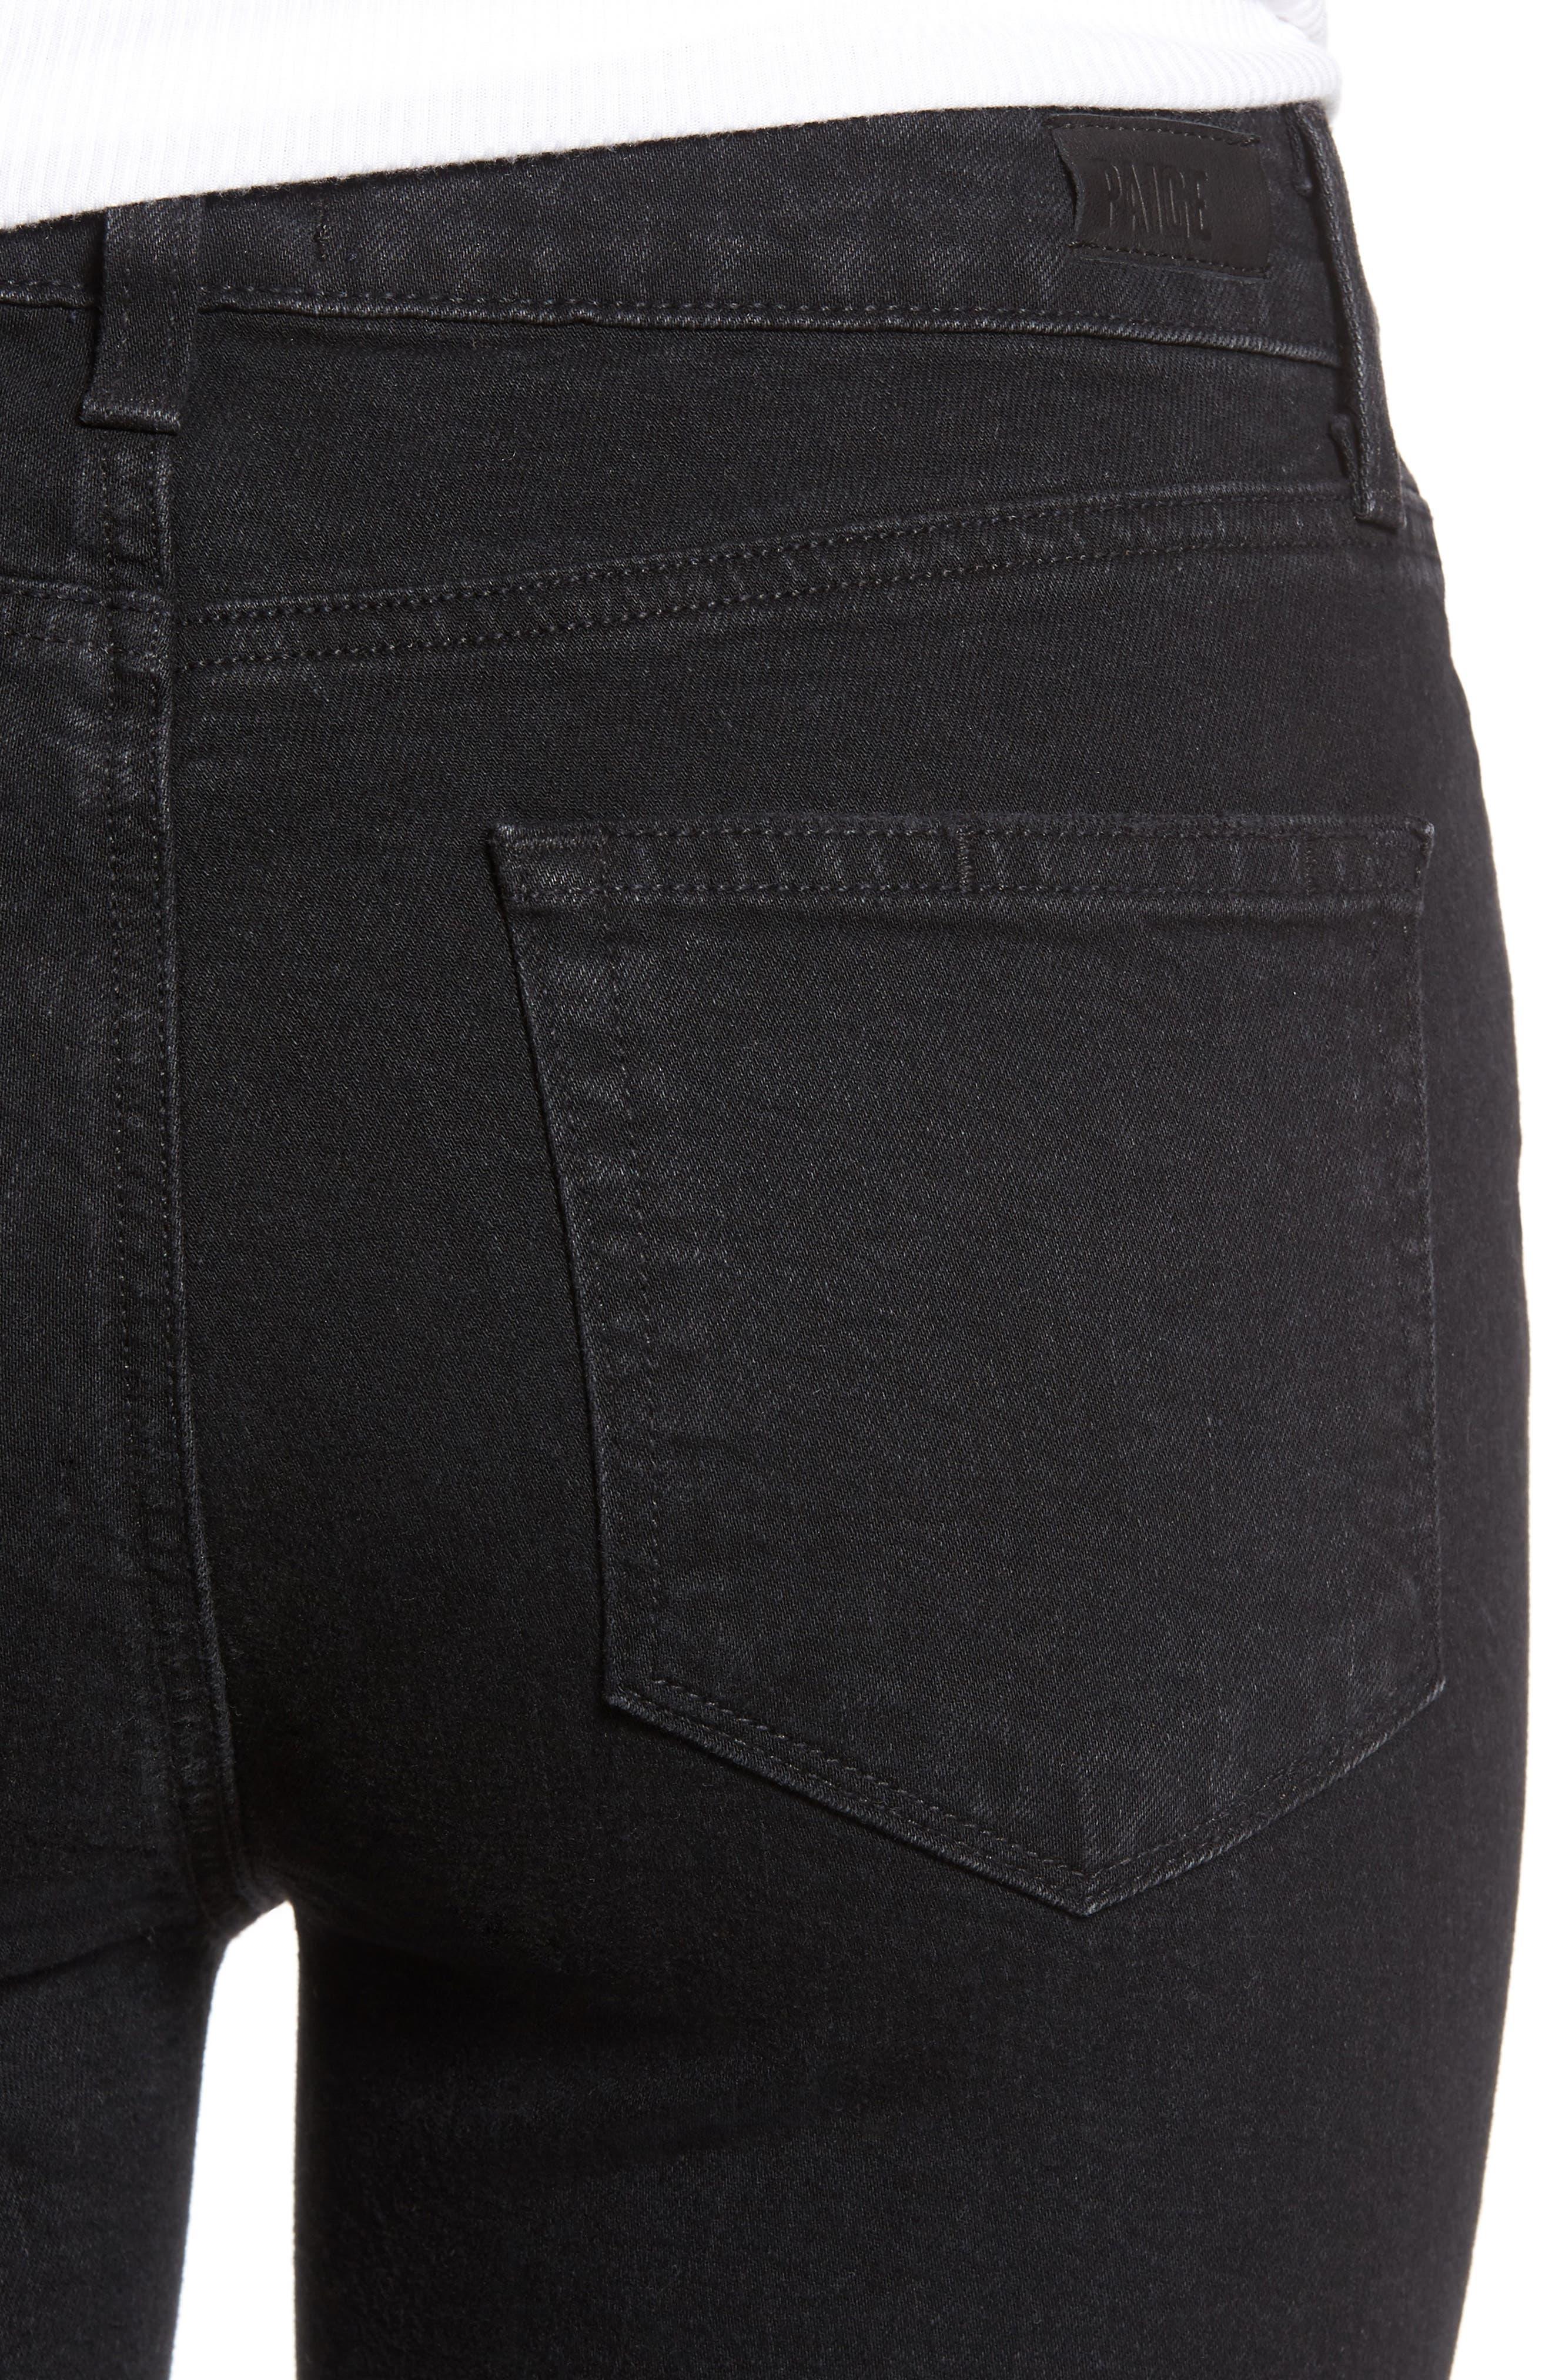 Jacqueline High Waist Crop Straight Leg Jeans,                             Alternate thumbnail 4, color,                             001